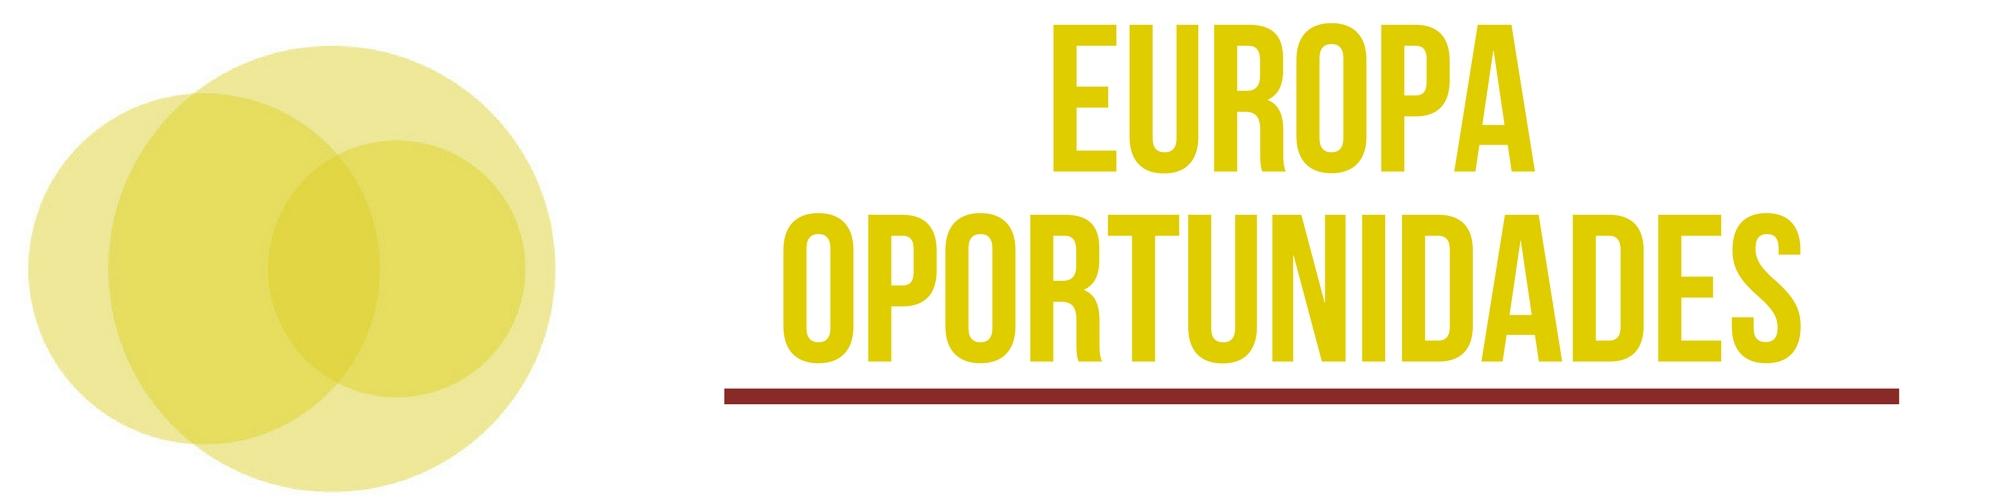 boton europa oportunidades[;;;][;;;]